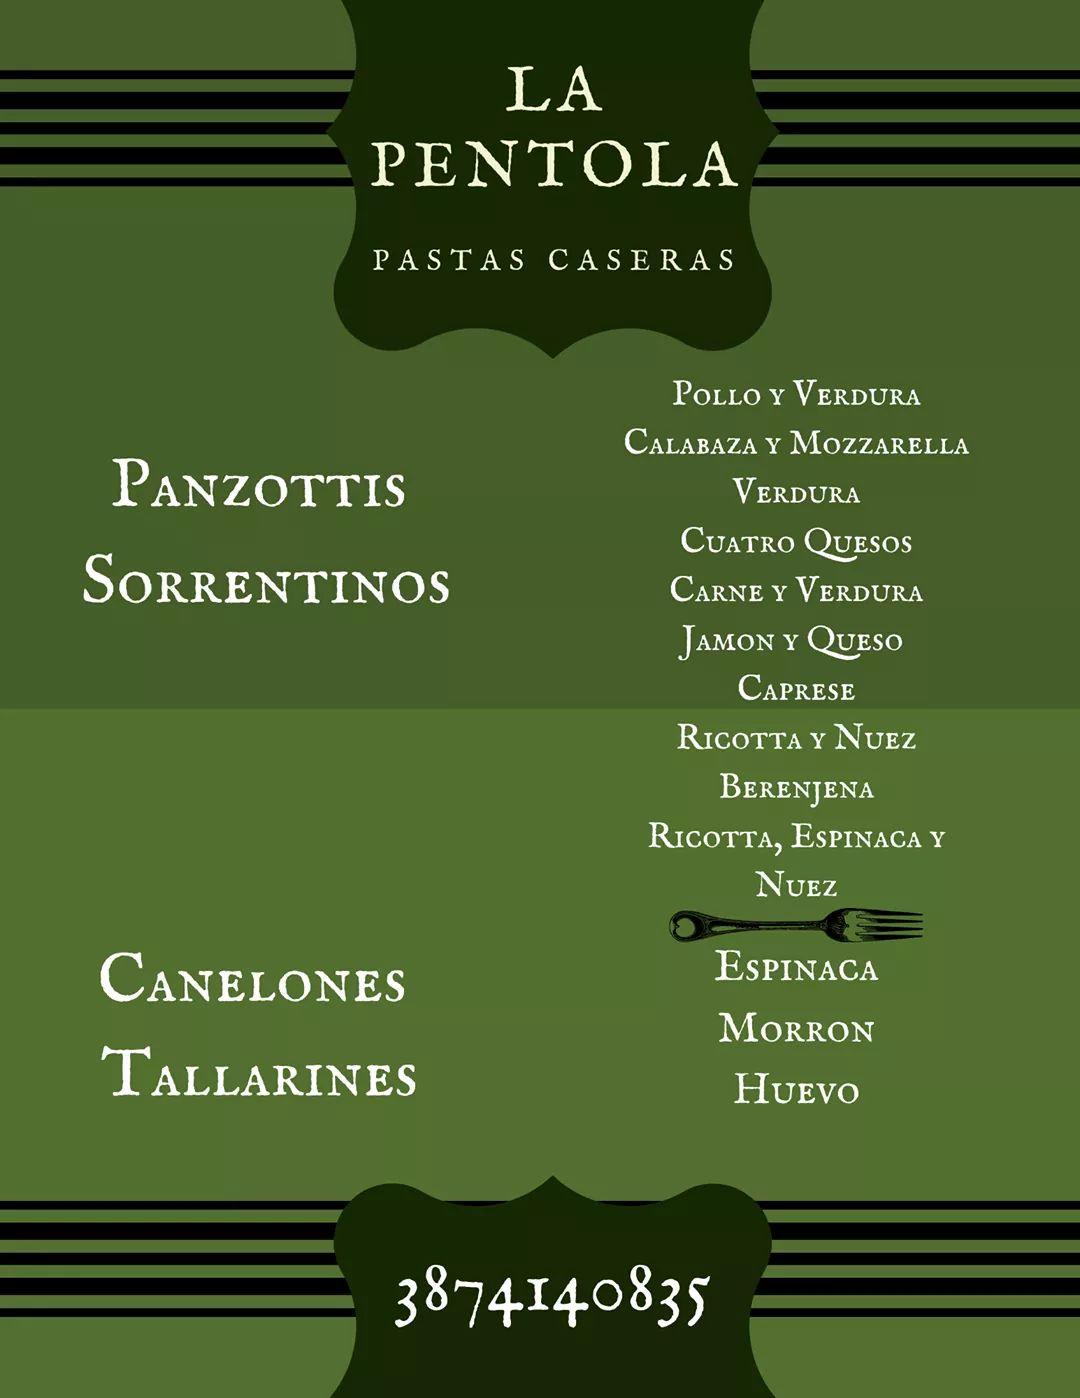 La Pentola